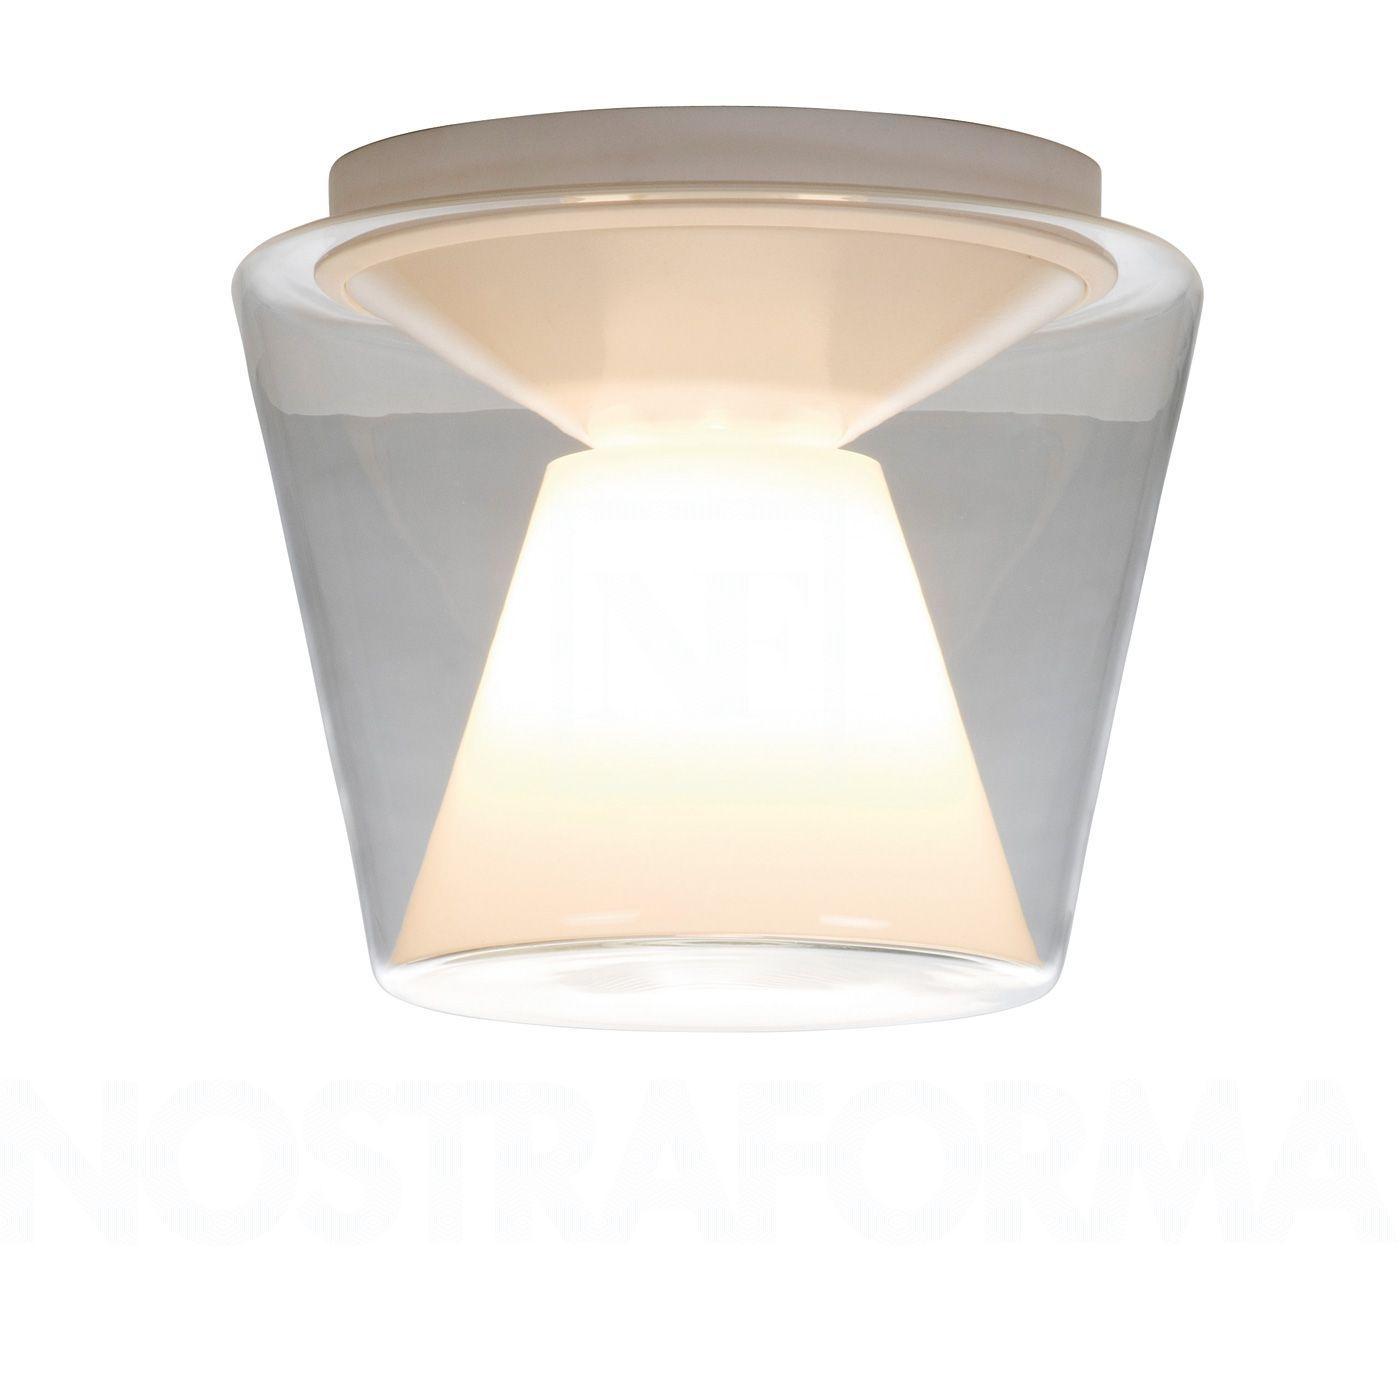 Designová stropní svítidla Annex Ceiling